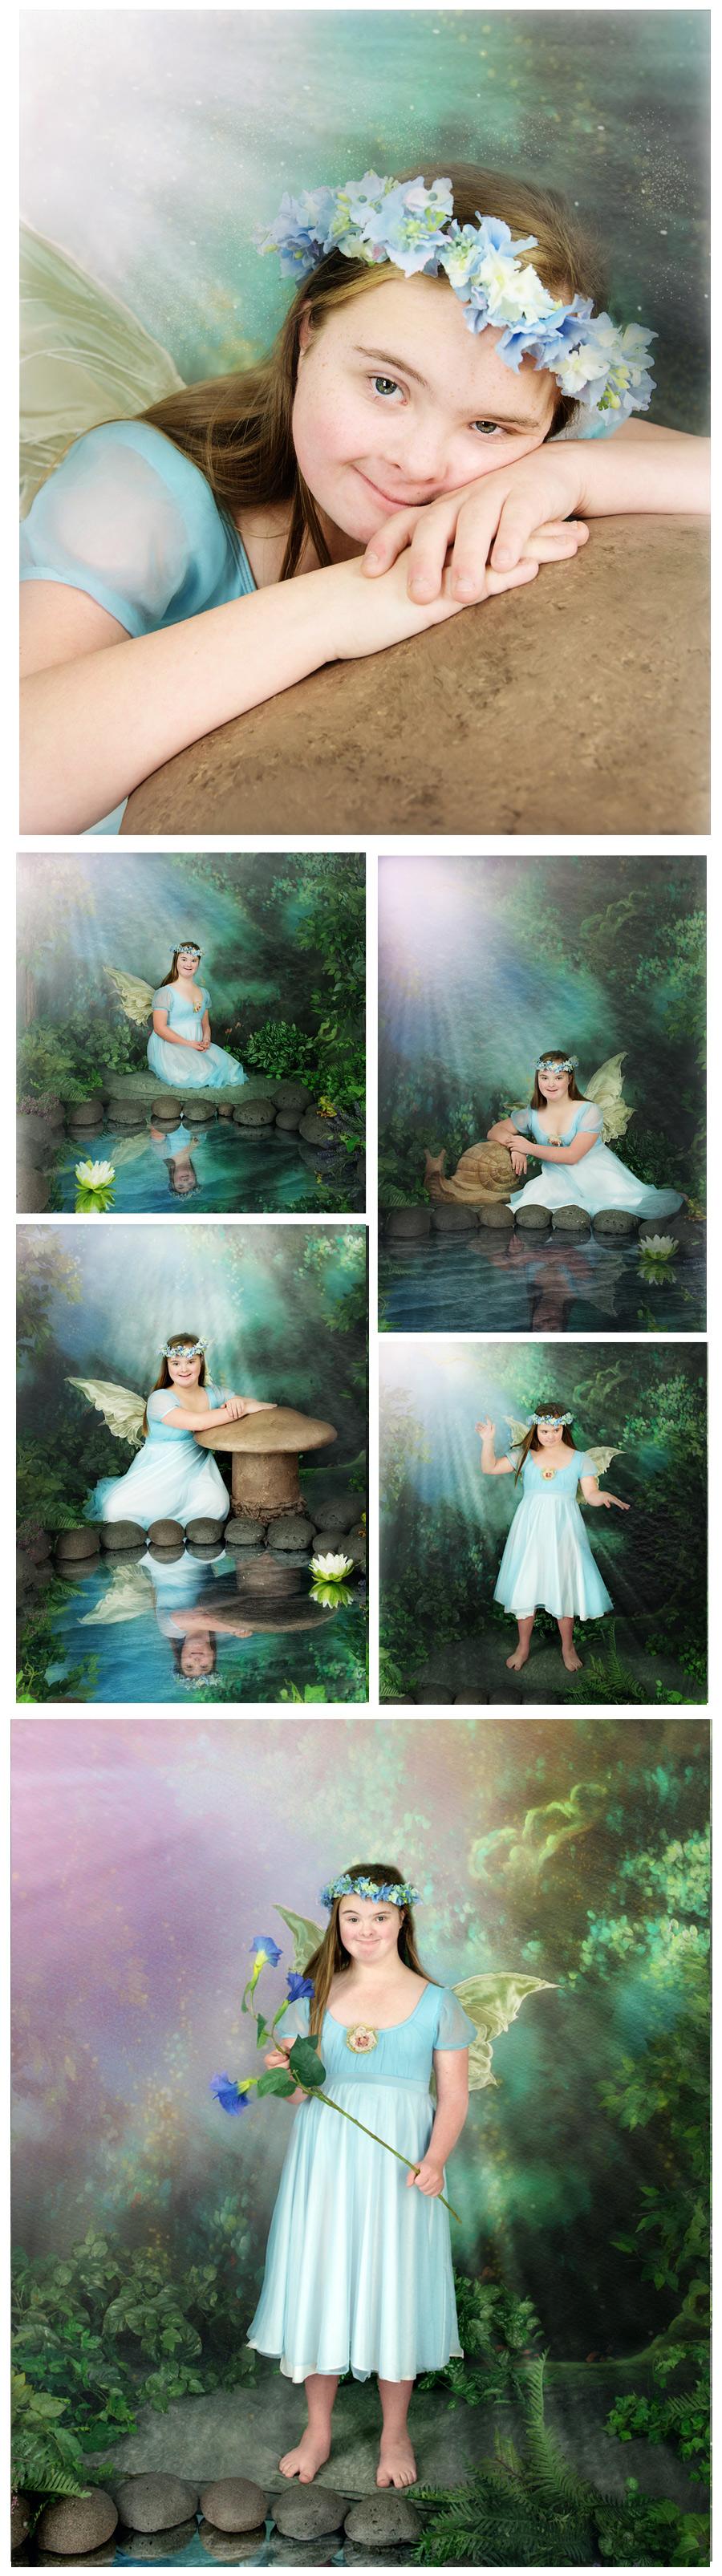 fairy-with-a-graceful-heart_03.jpg